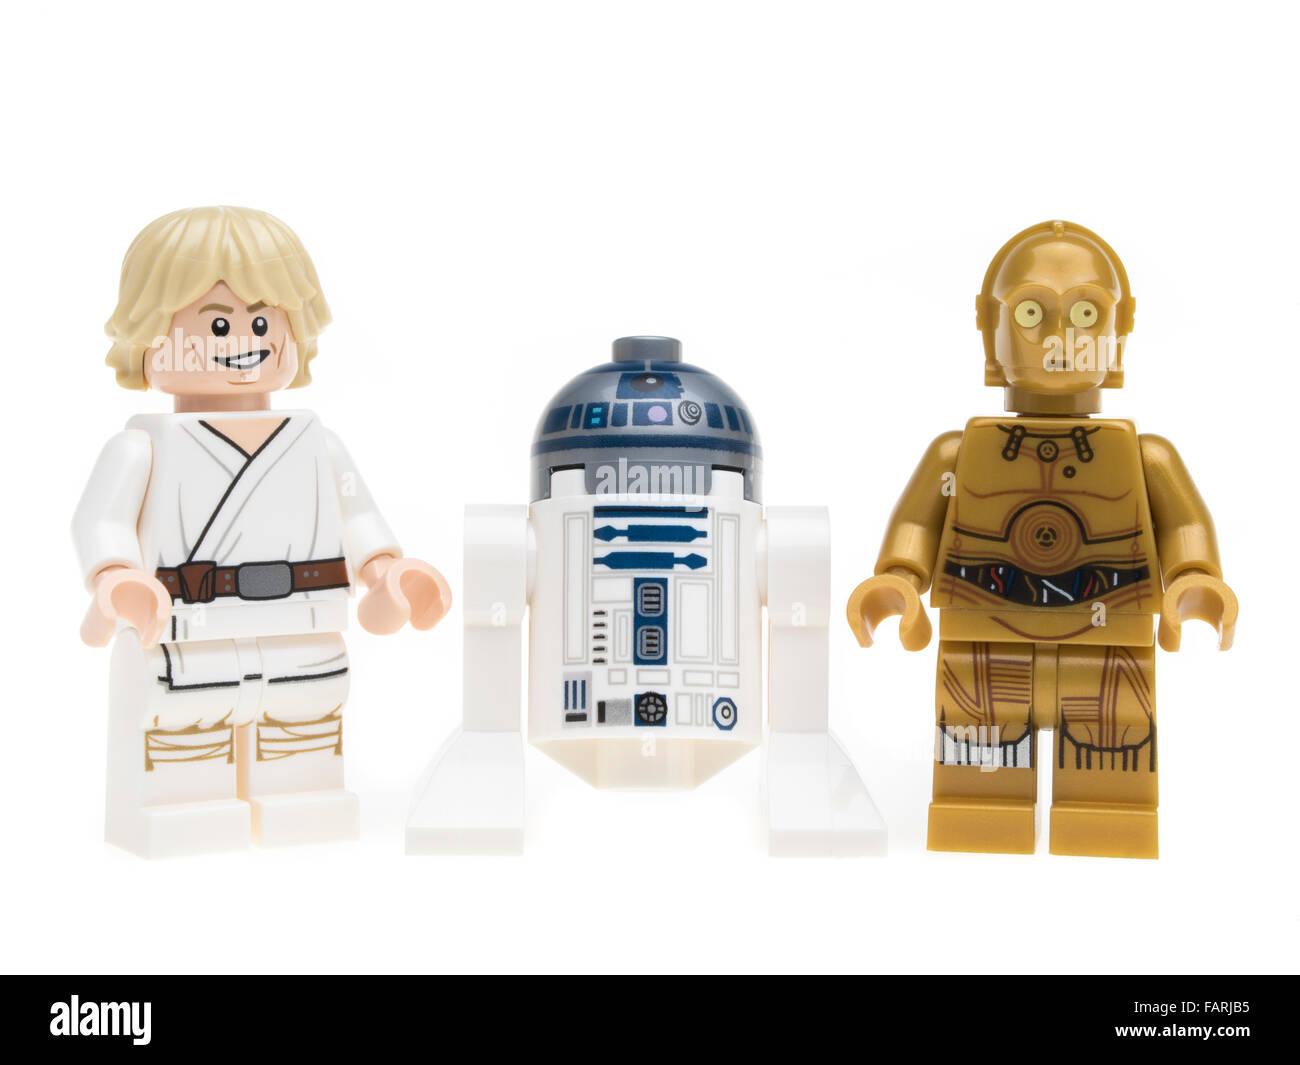 Lego Star Wars Luke Skywalker R2-D2 C-3P0 Minifigure Stock